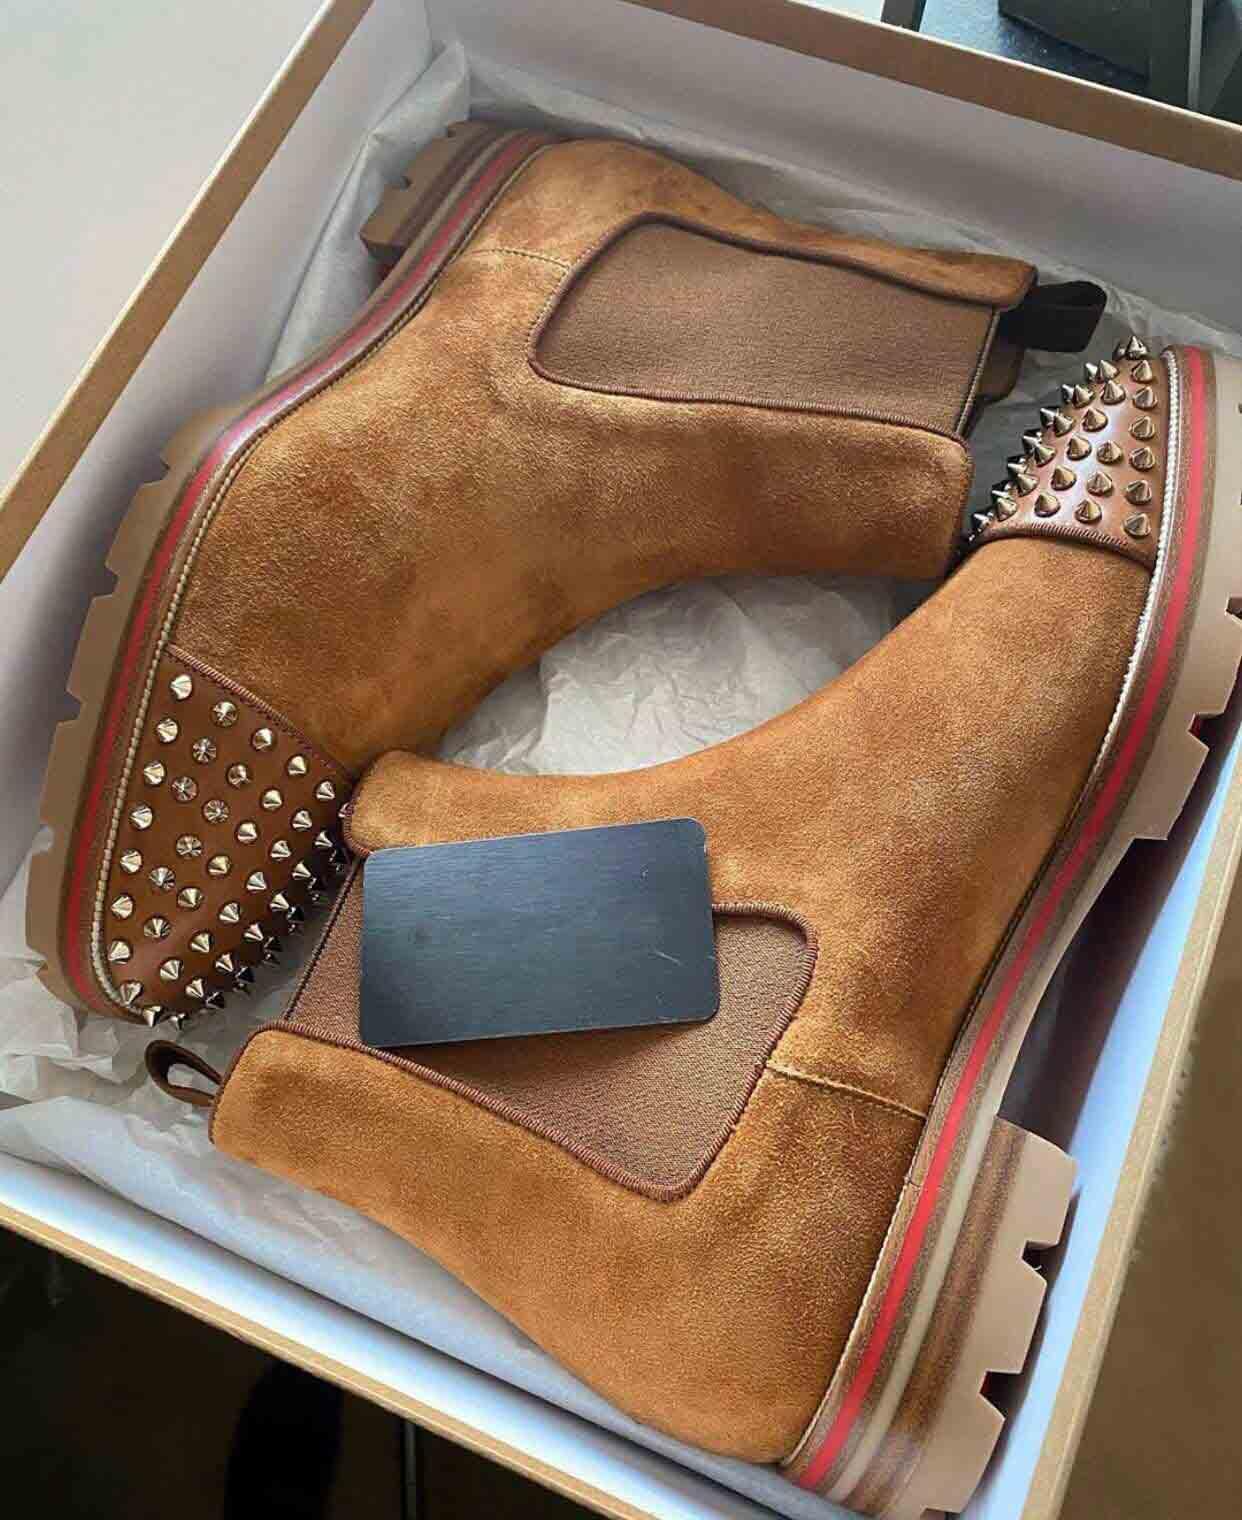 Мода стиль мужские шипы красные нижние сапоги кроссовки мужские ботинки Spikes замшевые кожаные красные подошвы мужские туфли супер идеальный дыня мотоцикл лодыжка добыча для человека